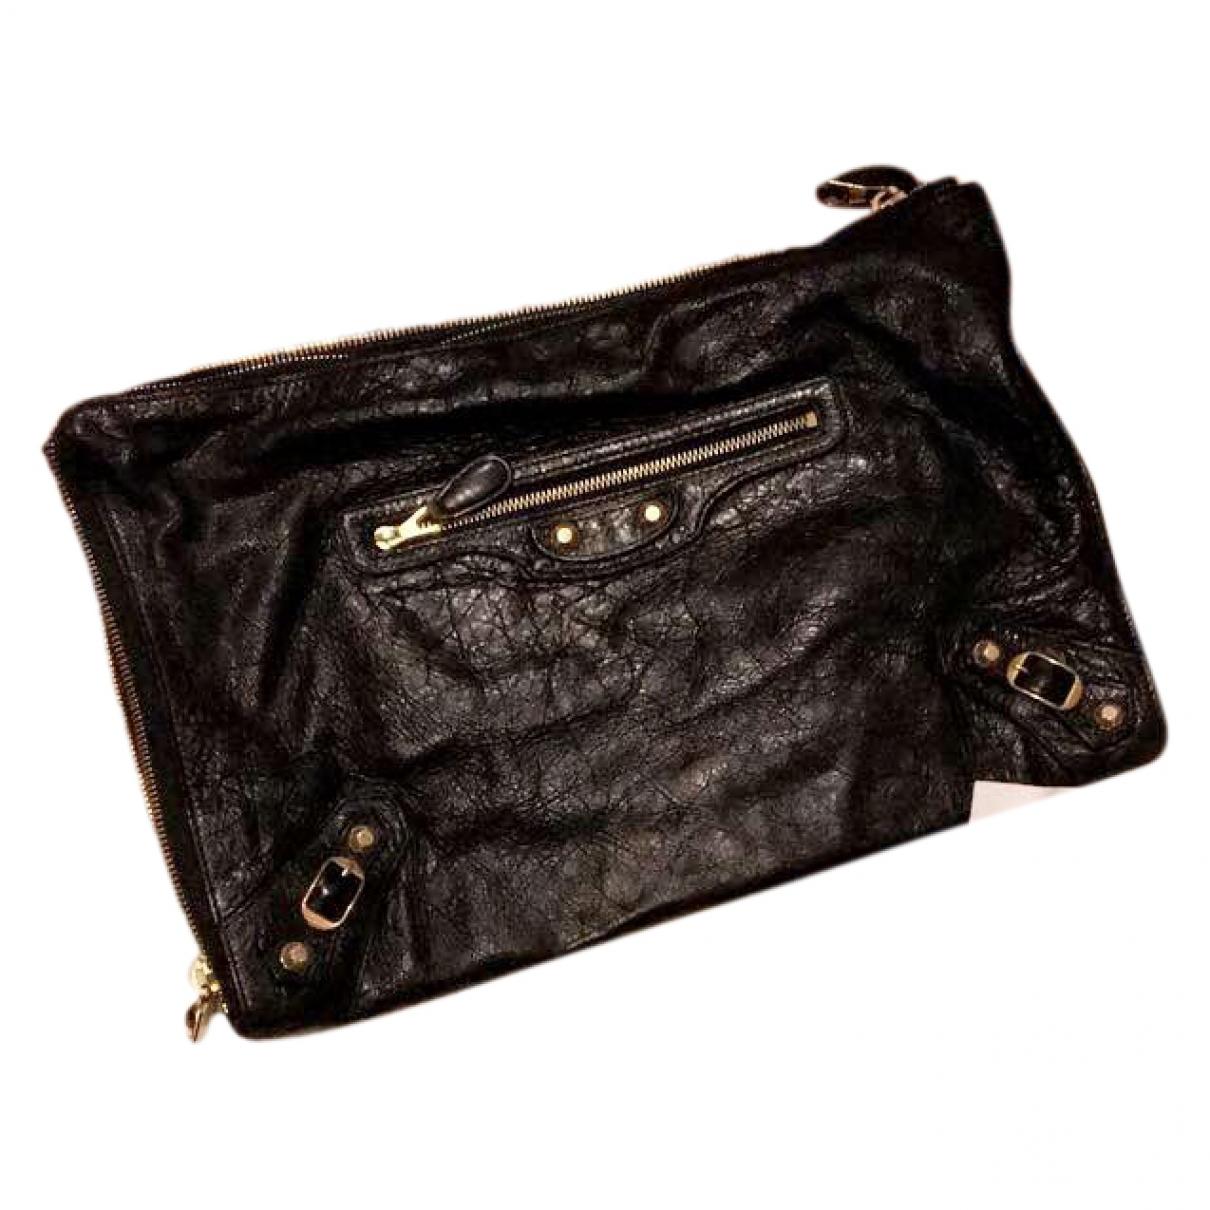 Balenciaga \N Black Leather Clutch bag for Women \N